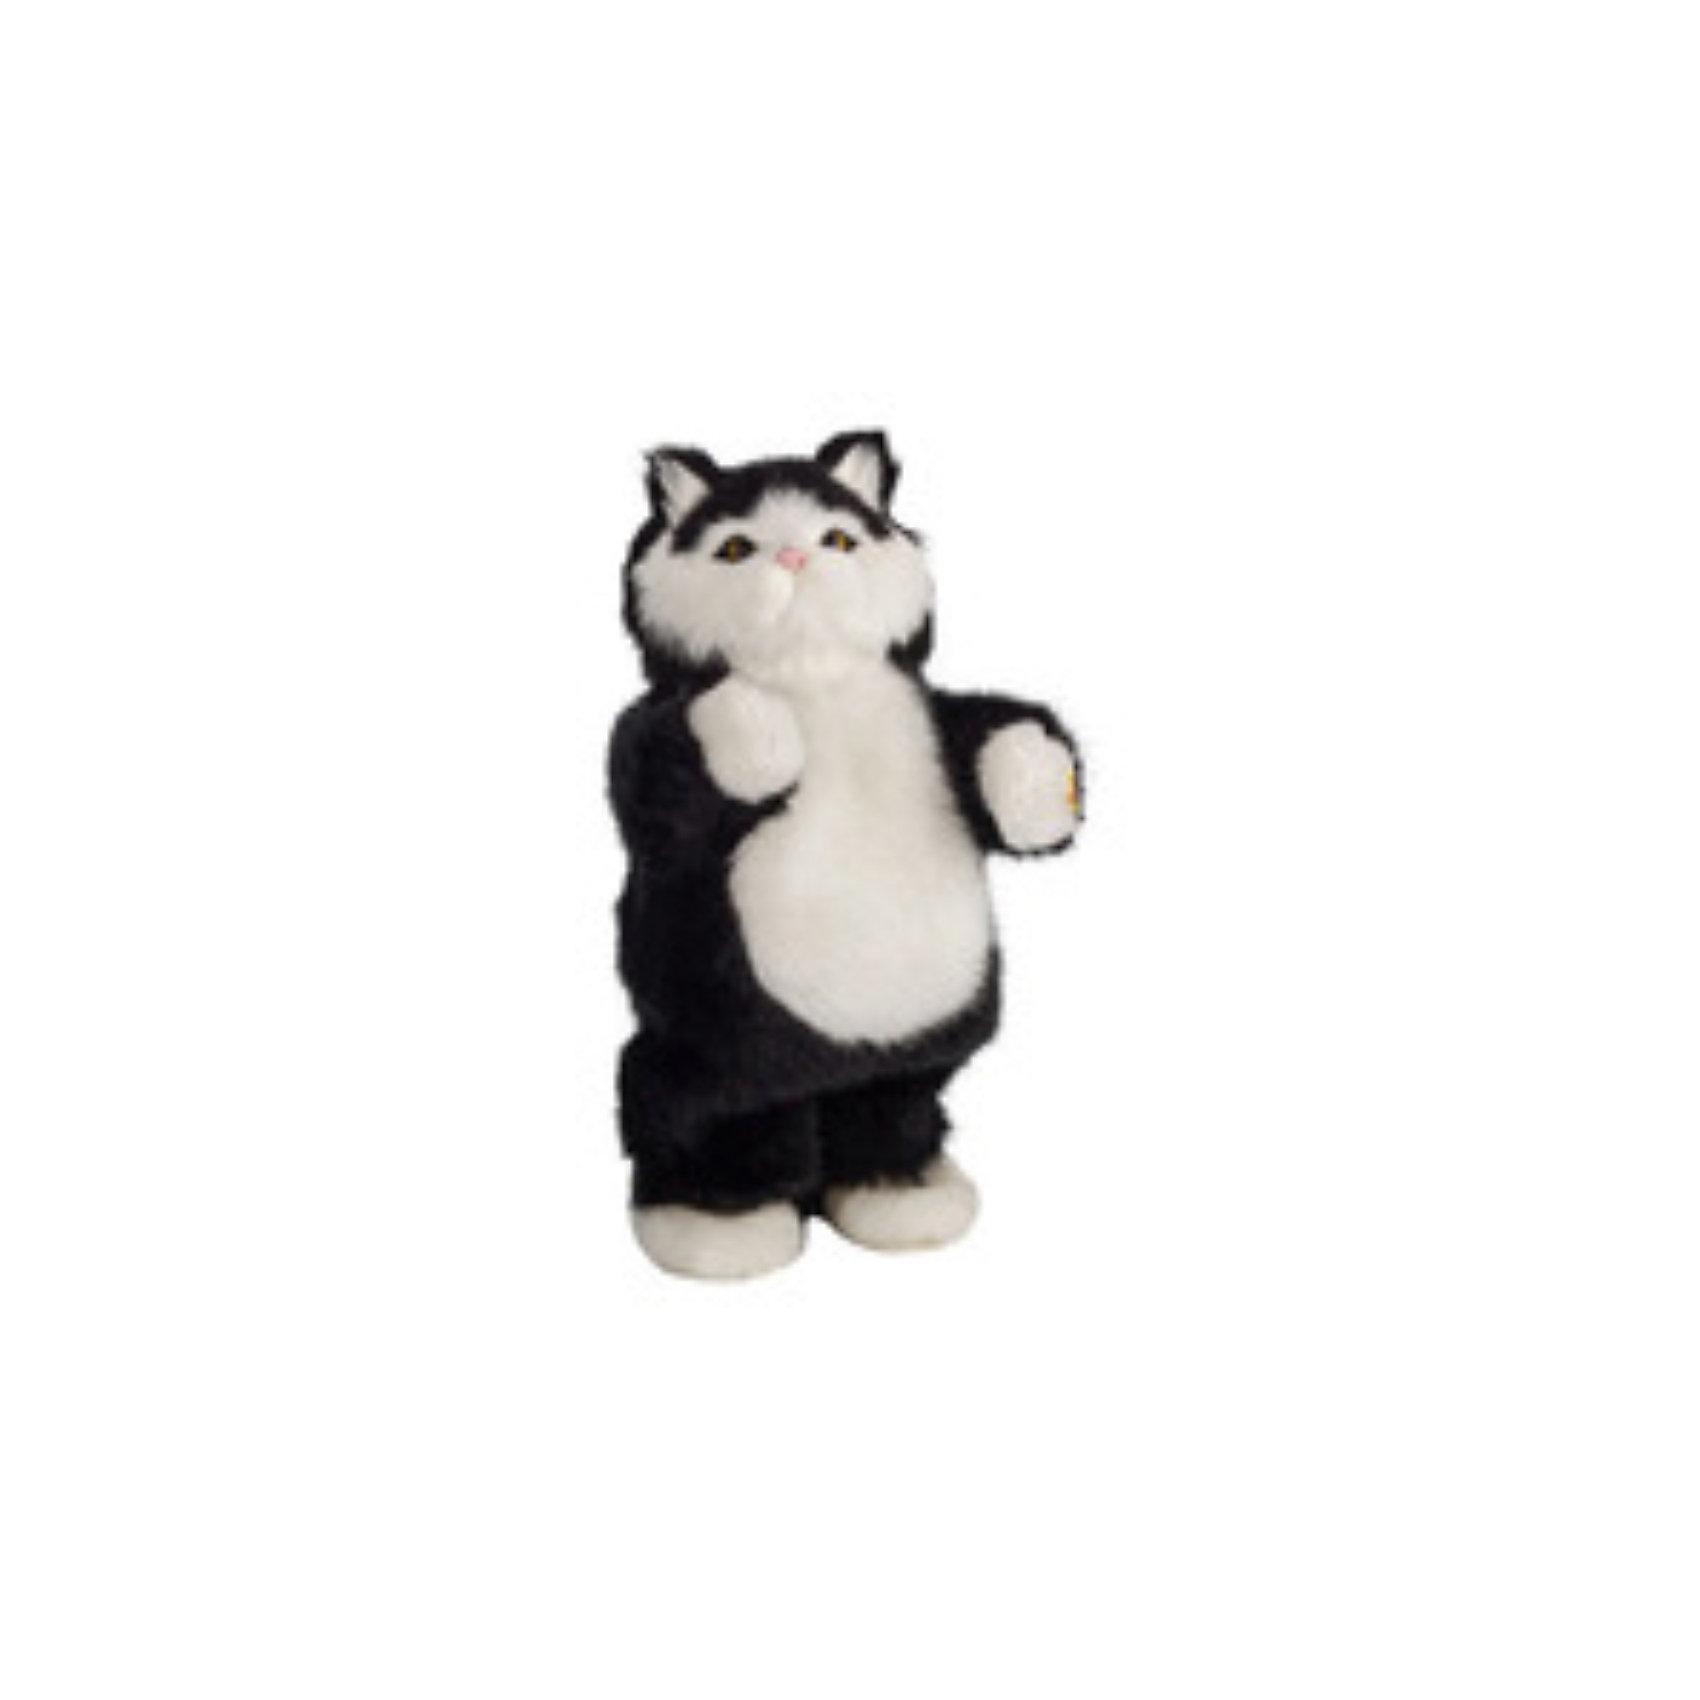 Музыкальная игрушка Черный кот Том, Party AnimalsЧерный кот Том, Party Animals - эта чудесная мягкая игрушка поднимает настроение своему владельцу. Забавному танцующему коту будут рады дети любого возраста и даже взрослые. Очаровательный пушистый питомец обладает неповторимым характером, любит танцевать и веселиться, его фирменные танцевальные движения приведут Вас в восторг и заставят улыбаться. <br><br>Для того чтобы Клео начал танцевать и воспроизводить музыку Вам понадобятся ноутбук, mp3 плеер или любое другое устройство с аудиовходом. У музыкального кота 2 режима: танец, когда Клео начинает танцевать и останавливается только тогда, когда музыка утихает и голос - режим воспроизведения музыки. В комплект также входят встроенный динамик, аудиокабель и разъем. Игрушка выполнена из мягкого плюшевого материала. <br><br>Дополнительная информация:<br><br>- Материал: плюш, пластик.<br>- Требуются батарейки: 3 х АА (в комплект не входят).<br>- Размер упаковки: 12 х 27 х 7 см.<br>- Вес: 0,33 кг.<br><br>Музыкальную игрушку Черный кот Том, Party Animals можно купить в нашем интернет-магазине.<br><br>Ширина мм: 120<br>Глубина мм: 270<br>Высота мм: 70<br>Вес г: 330<br>Возраст от месяцев: 72<br>Возраст до месяцев: 1188<br>Пол: Унисекс<br>Возраст: Детский<br>SKU: 3841365